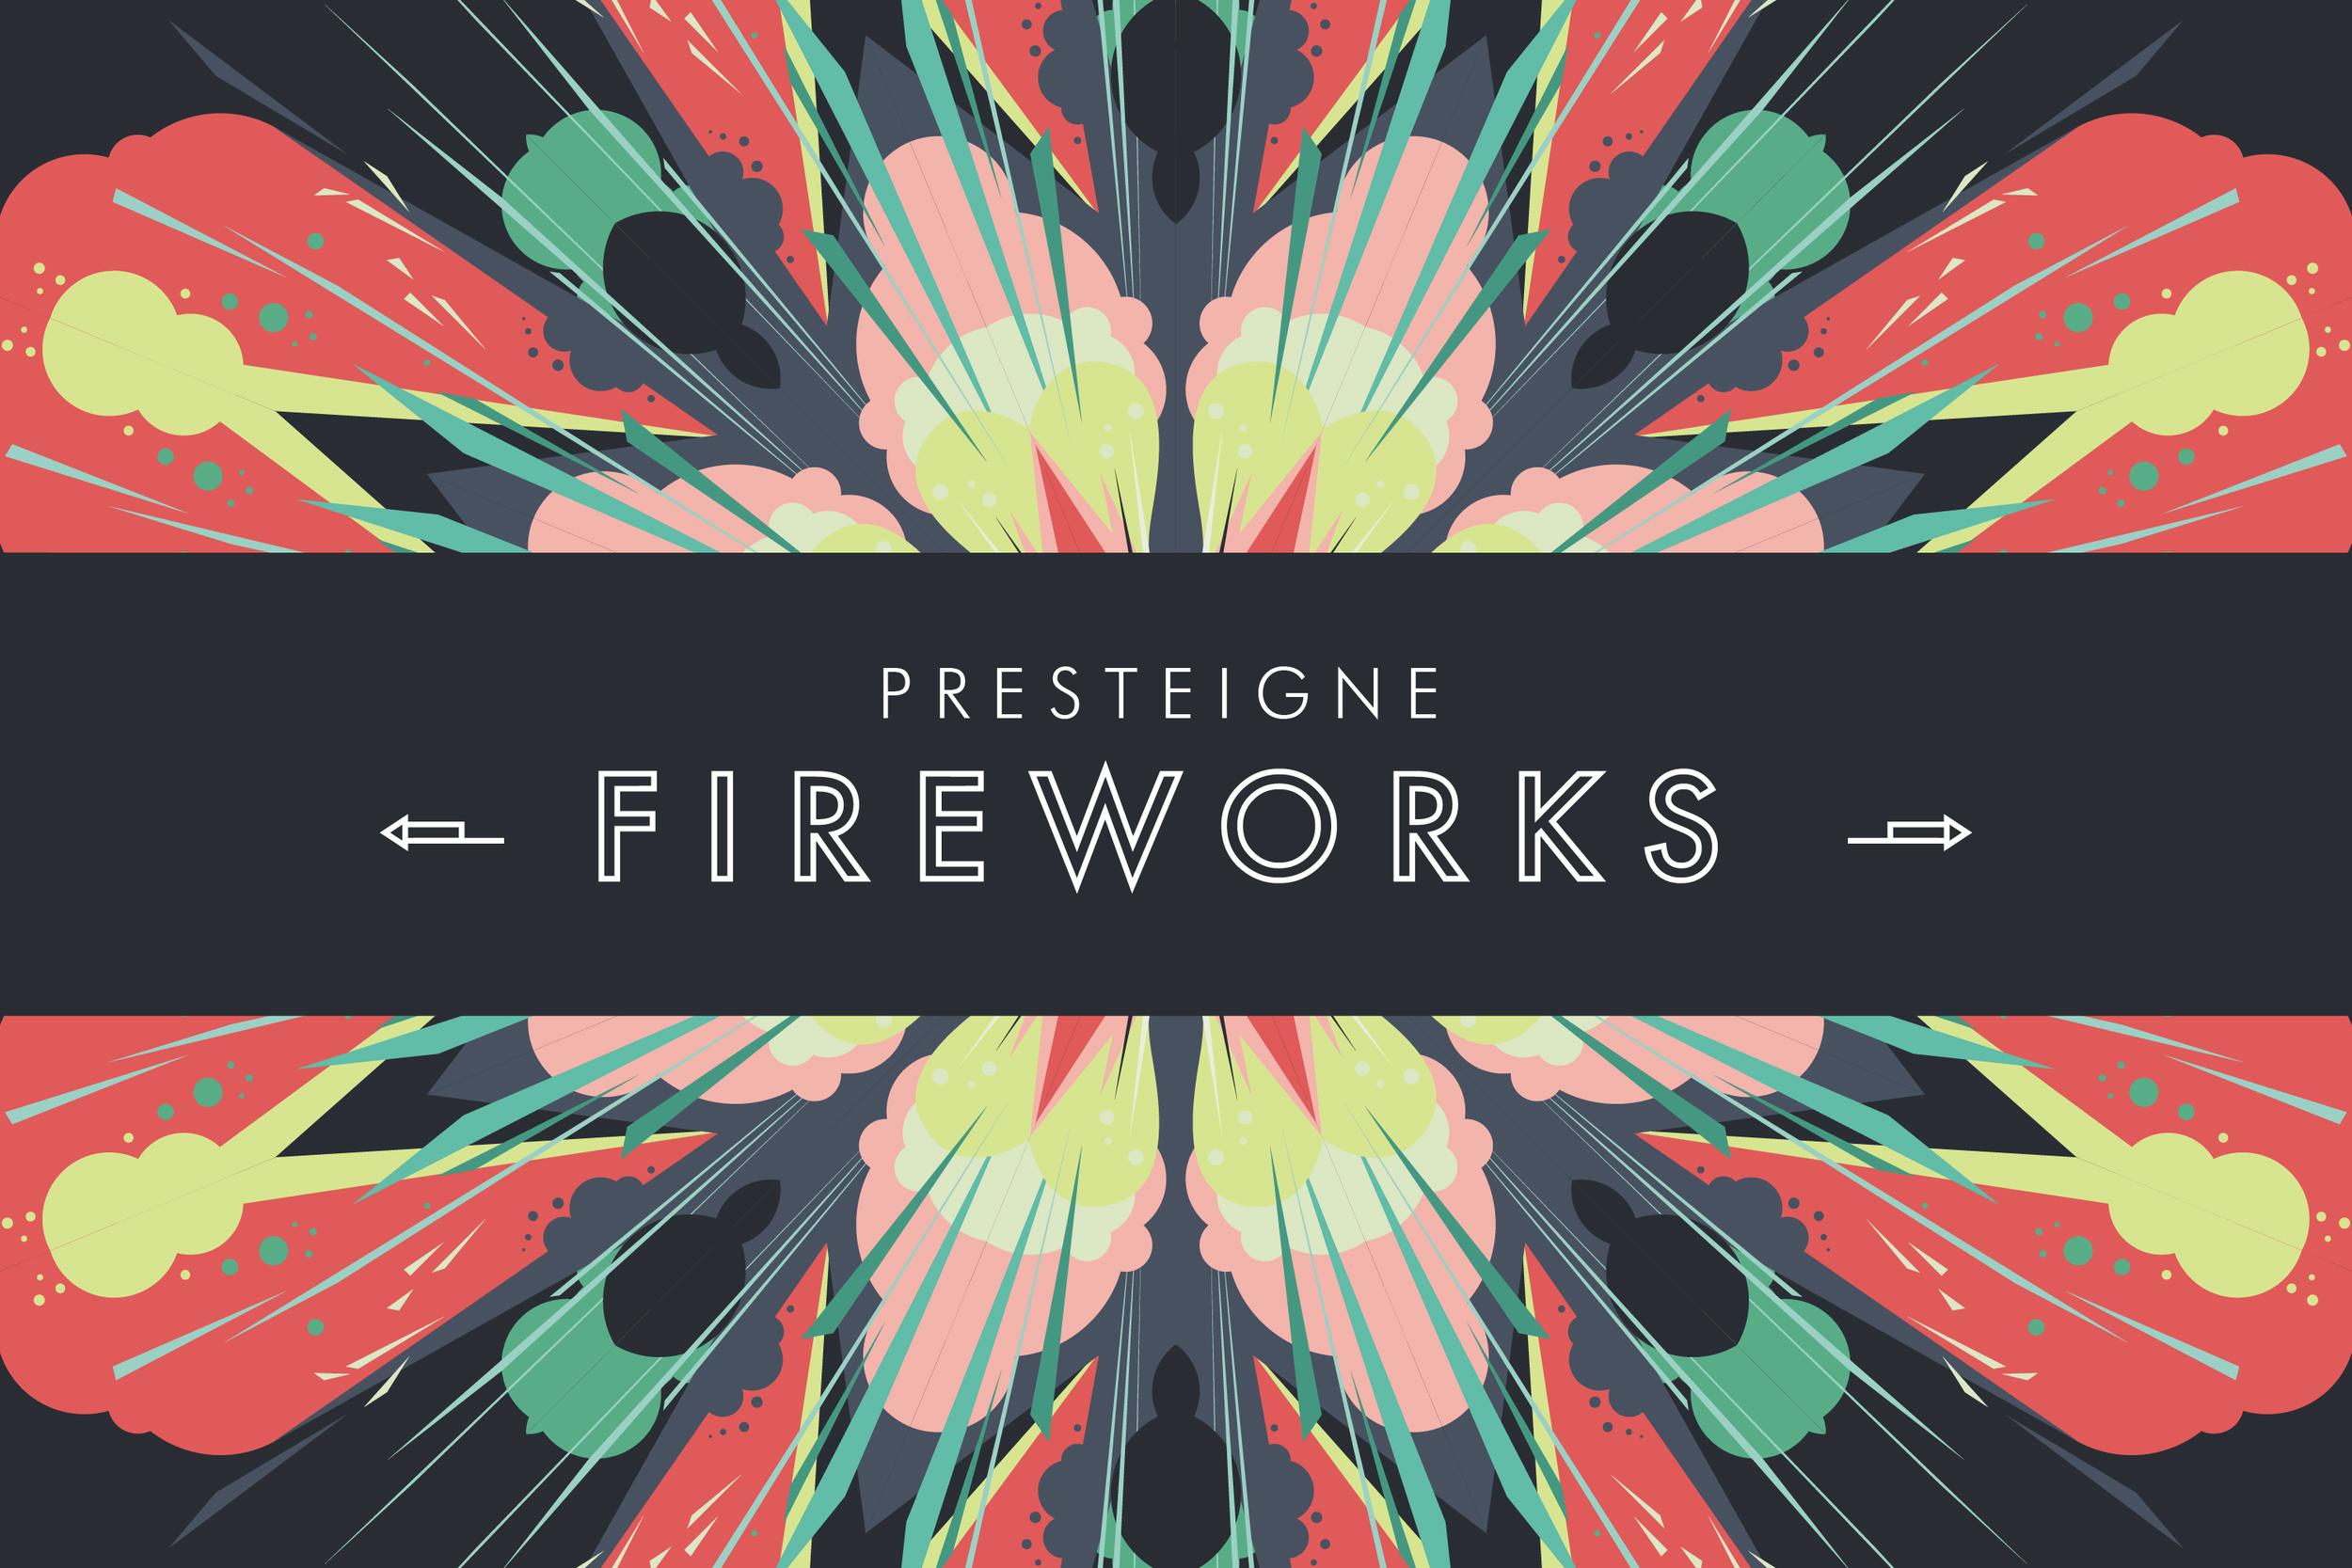 Fireworks-01.png